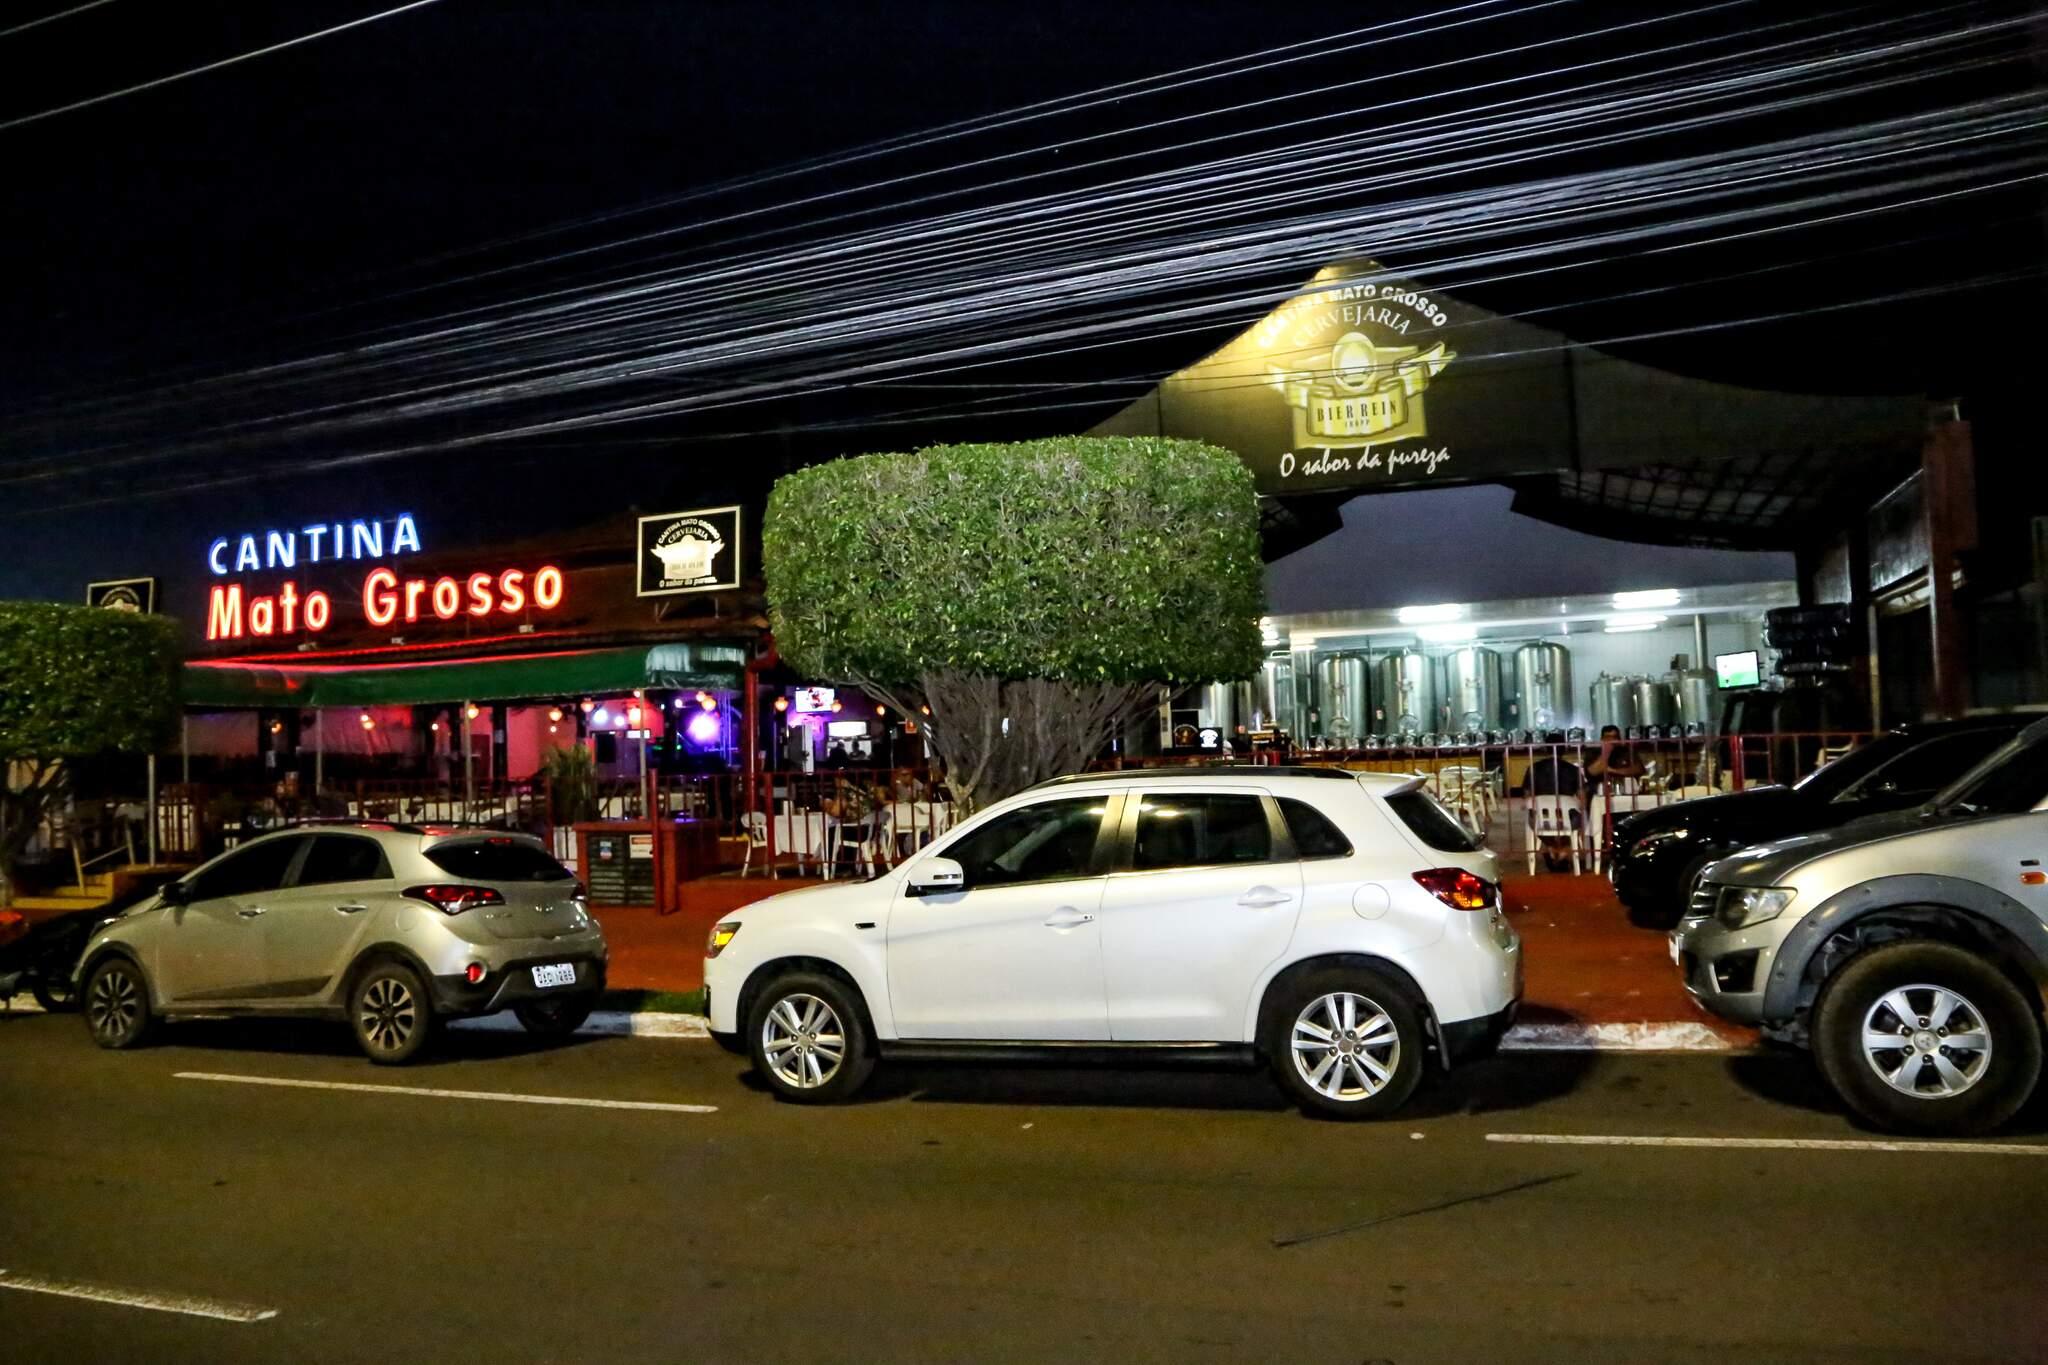 Cantina Mato Grosso completa em outubro 36 anos de história em Campo Grande. (Foto: Kísie Ainoã)